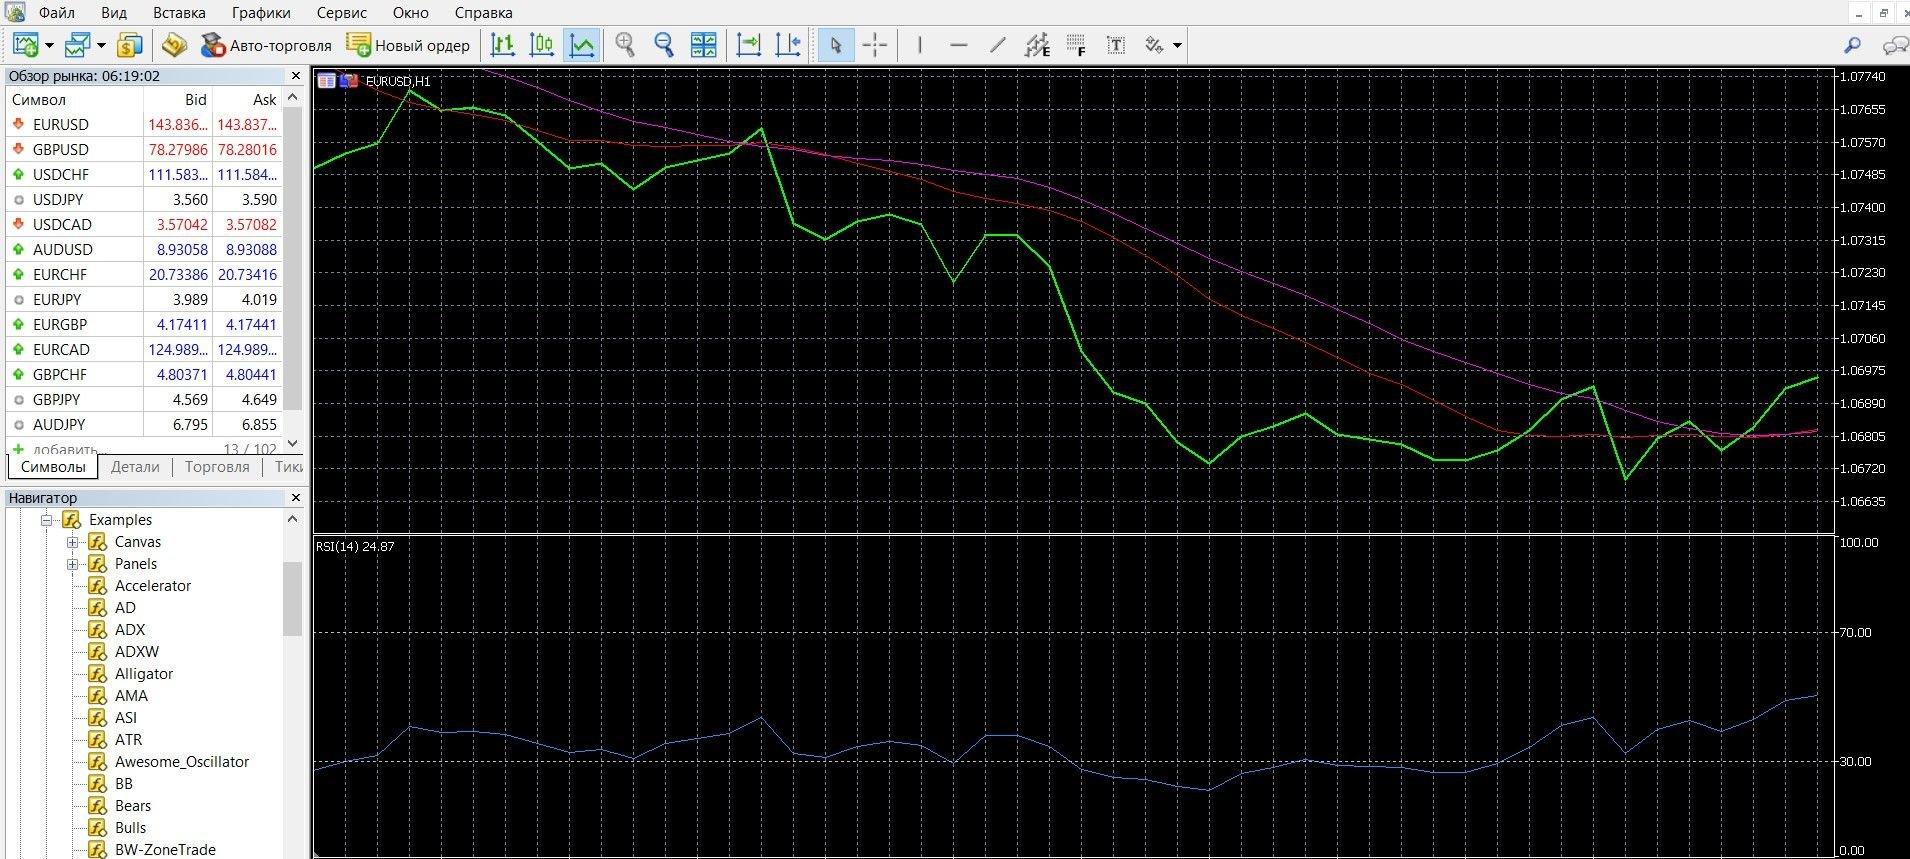 Индикатор Индекс относительной силы (Relative Strength Index, RSI)